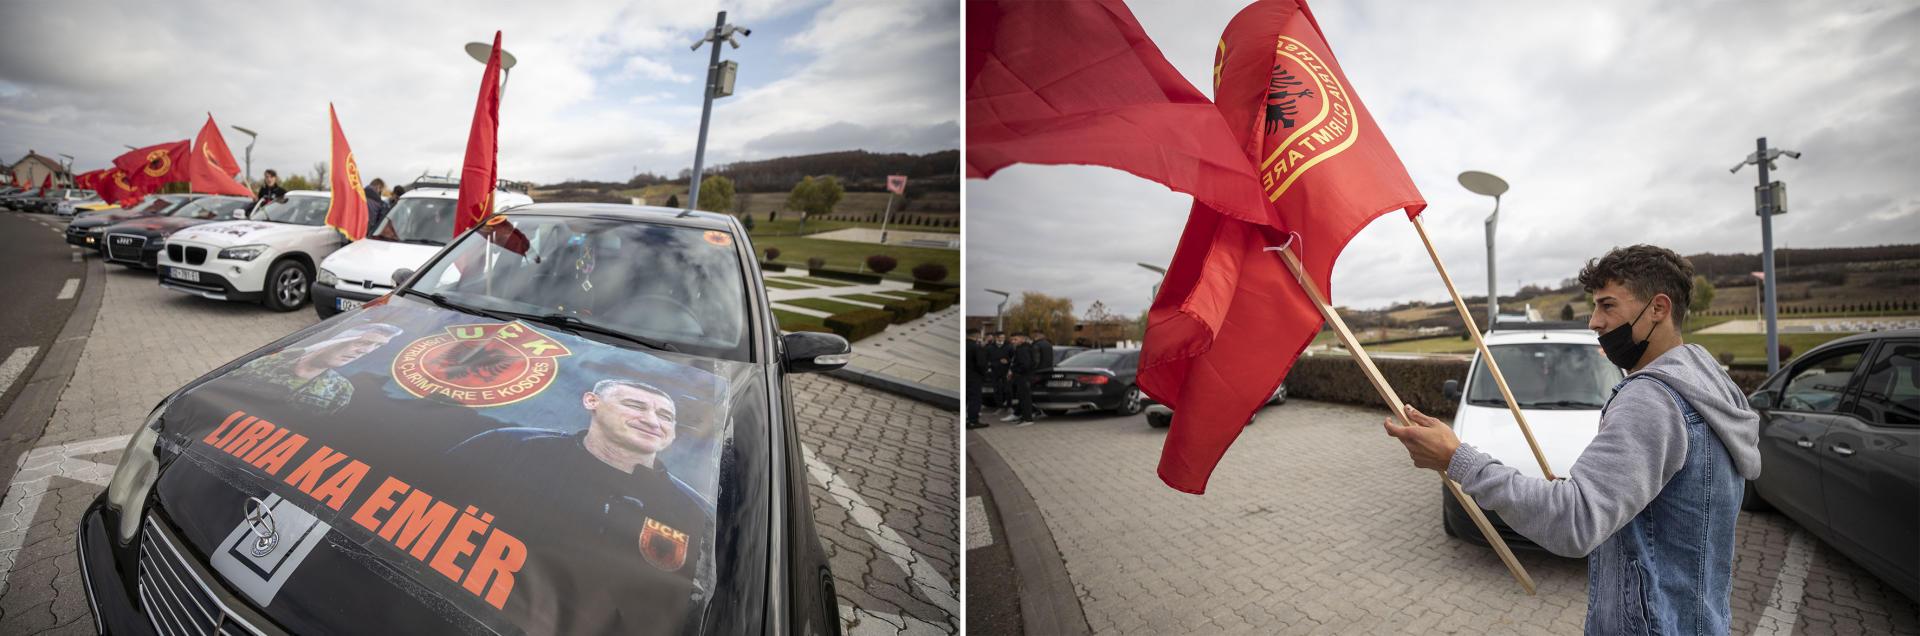 A gauche, les voitures de membres de l'Association des conducteurs de Drenica décorées de portraits de l'ancien président Hashim Thaci et de l'ancien président du Parti démocratique du Kosovo Kadri Veseli, au mémorial de Prekaz des martyrs de la famille Jashari, le 18 novembre. A droite, un membre de l'association recueille les drapeaux de l'Armée de libération du Kosovo au même mémorial, le 18 novembre.